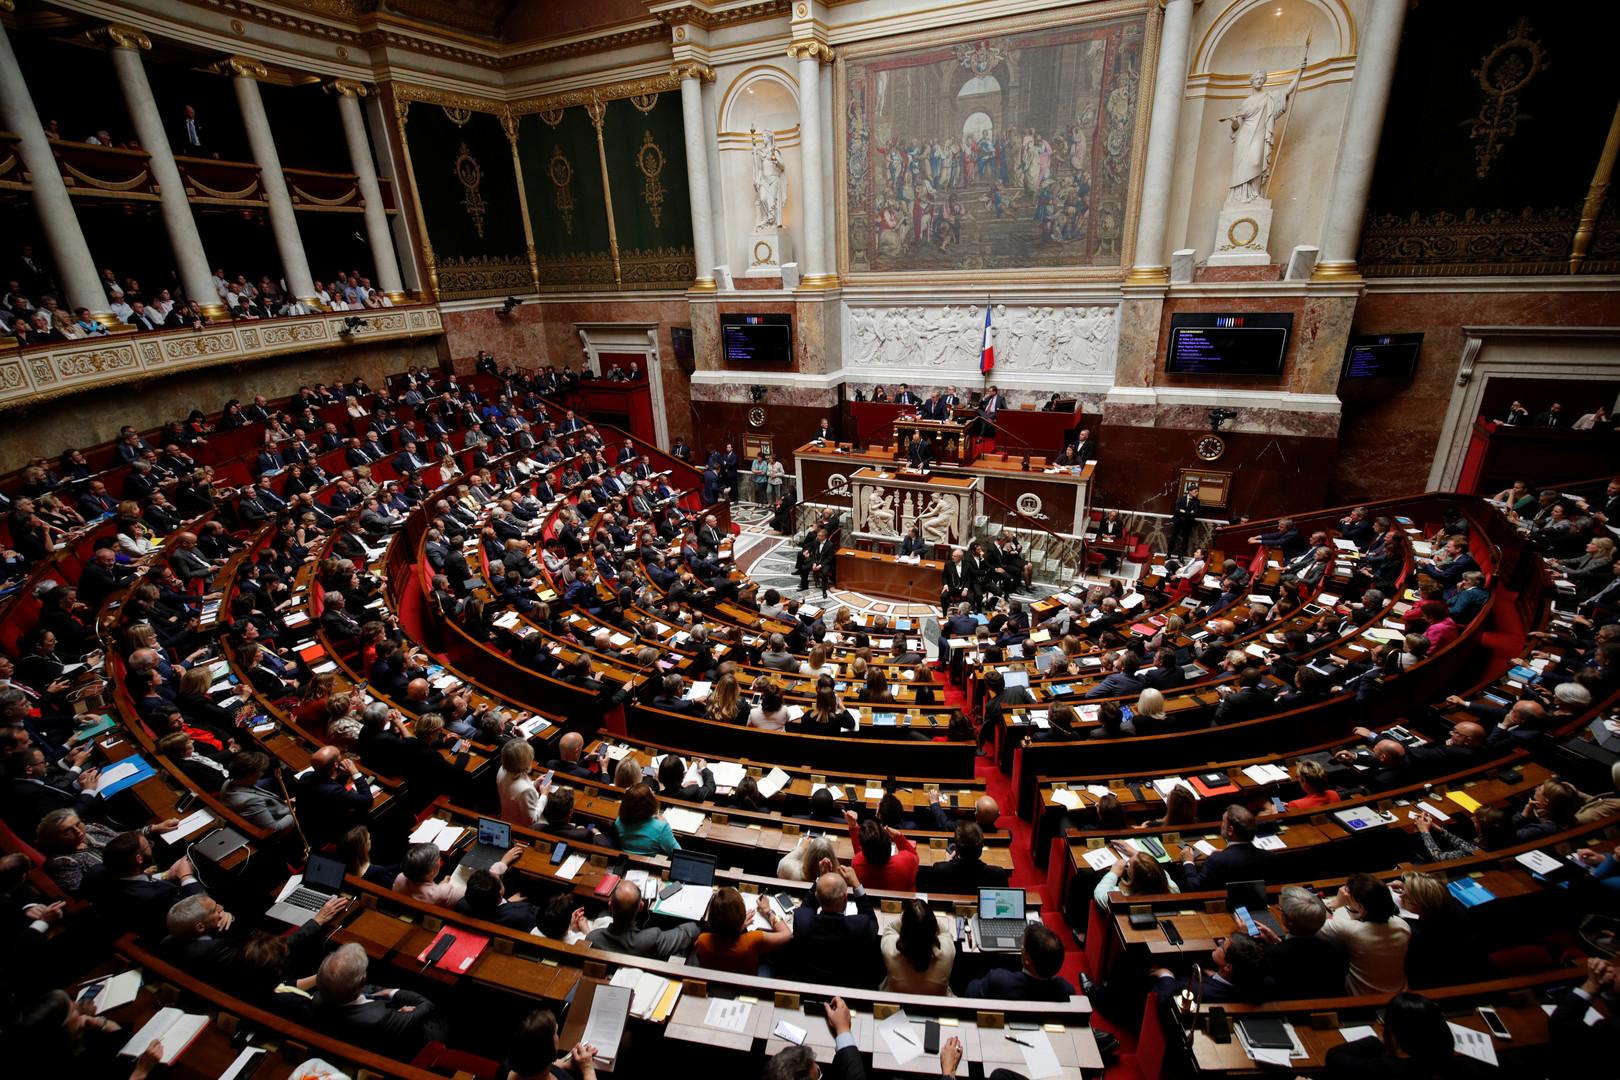 جلسة في الجمعية الوطنية الفرنسية